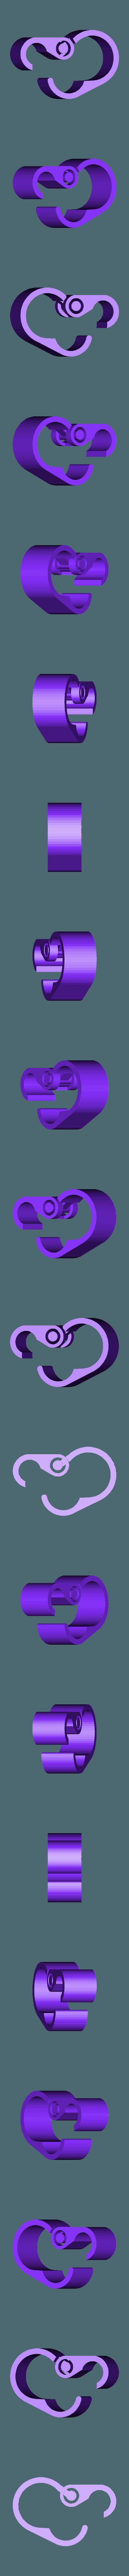 bowden_cable_clip.stl Télécharger fichier STL gratuit Bowden&cable clamp • Plan pour imprimante 3D, da_syggy